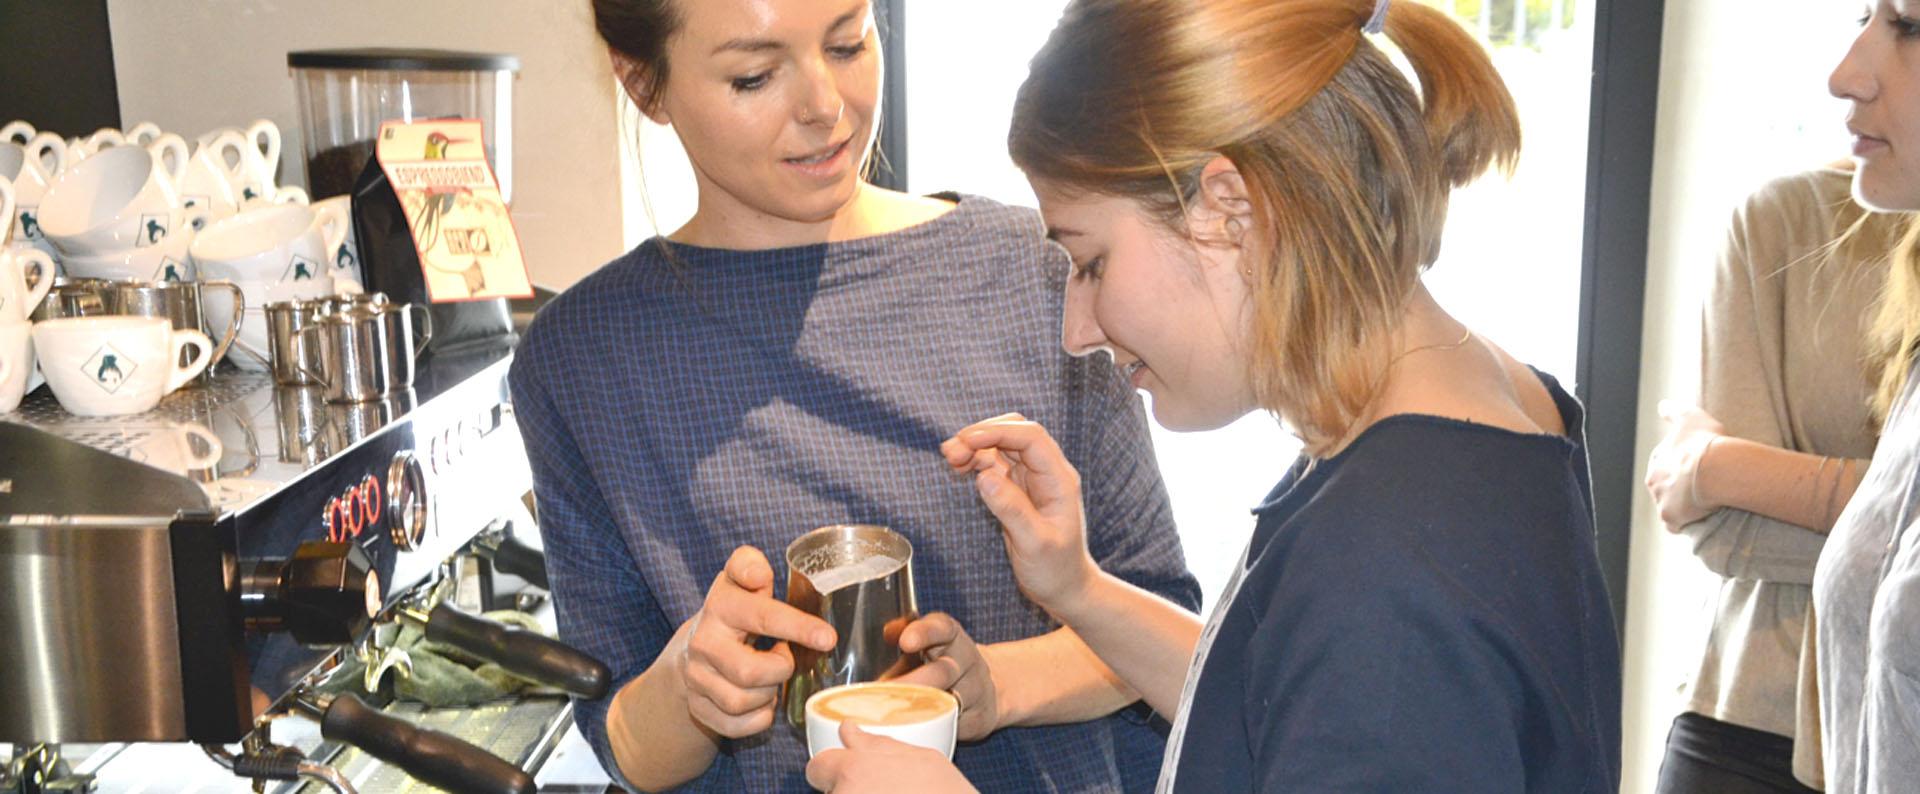 Kaffeekultur-Bregenzerwald-Tourismusschule